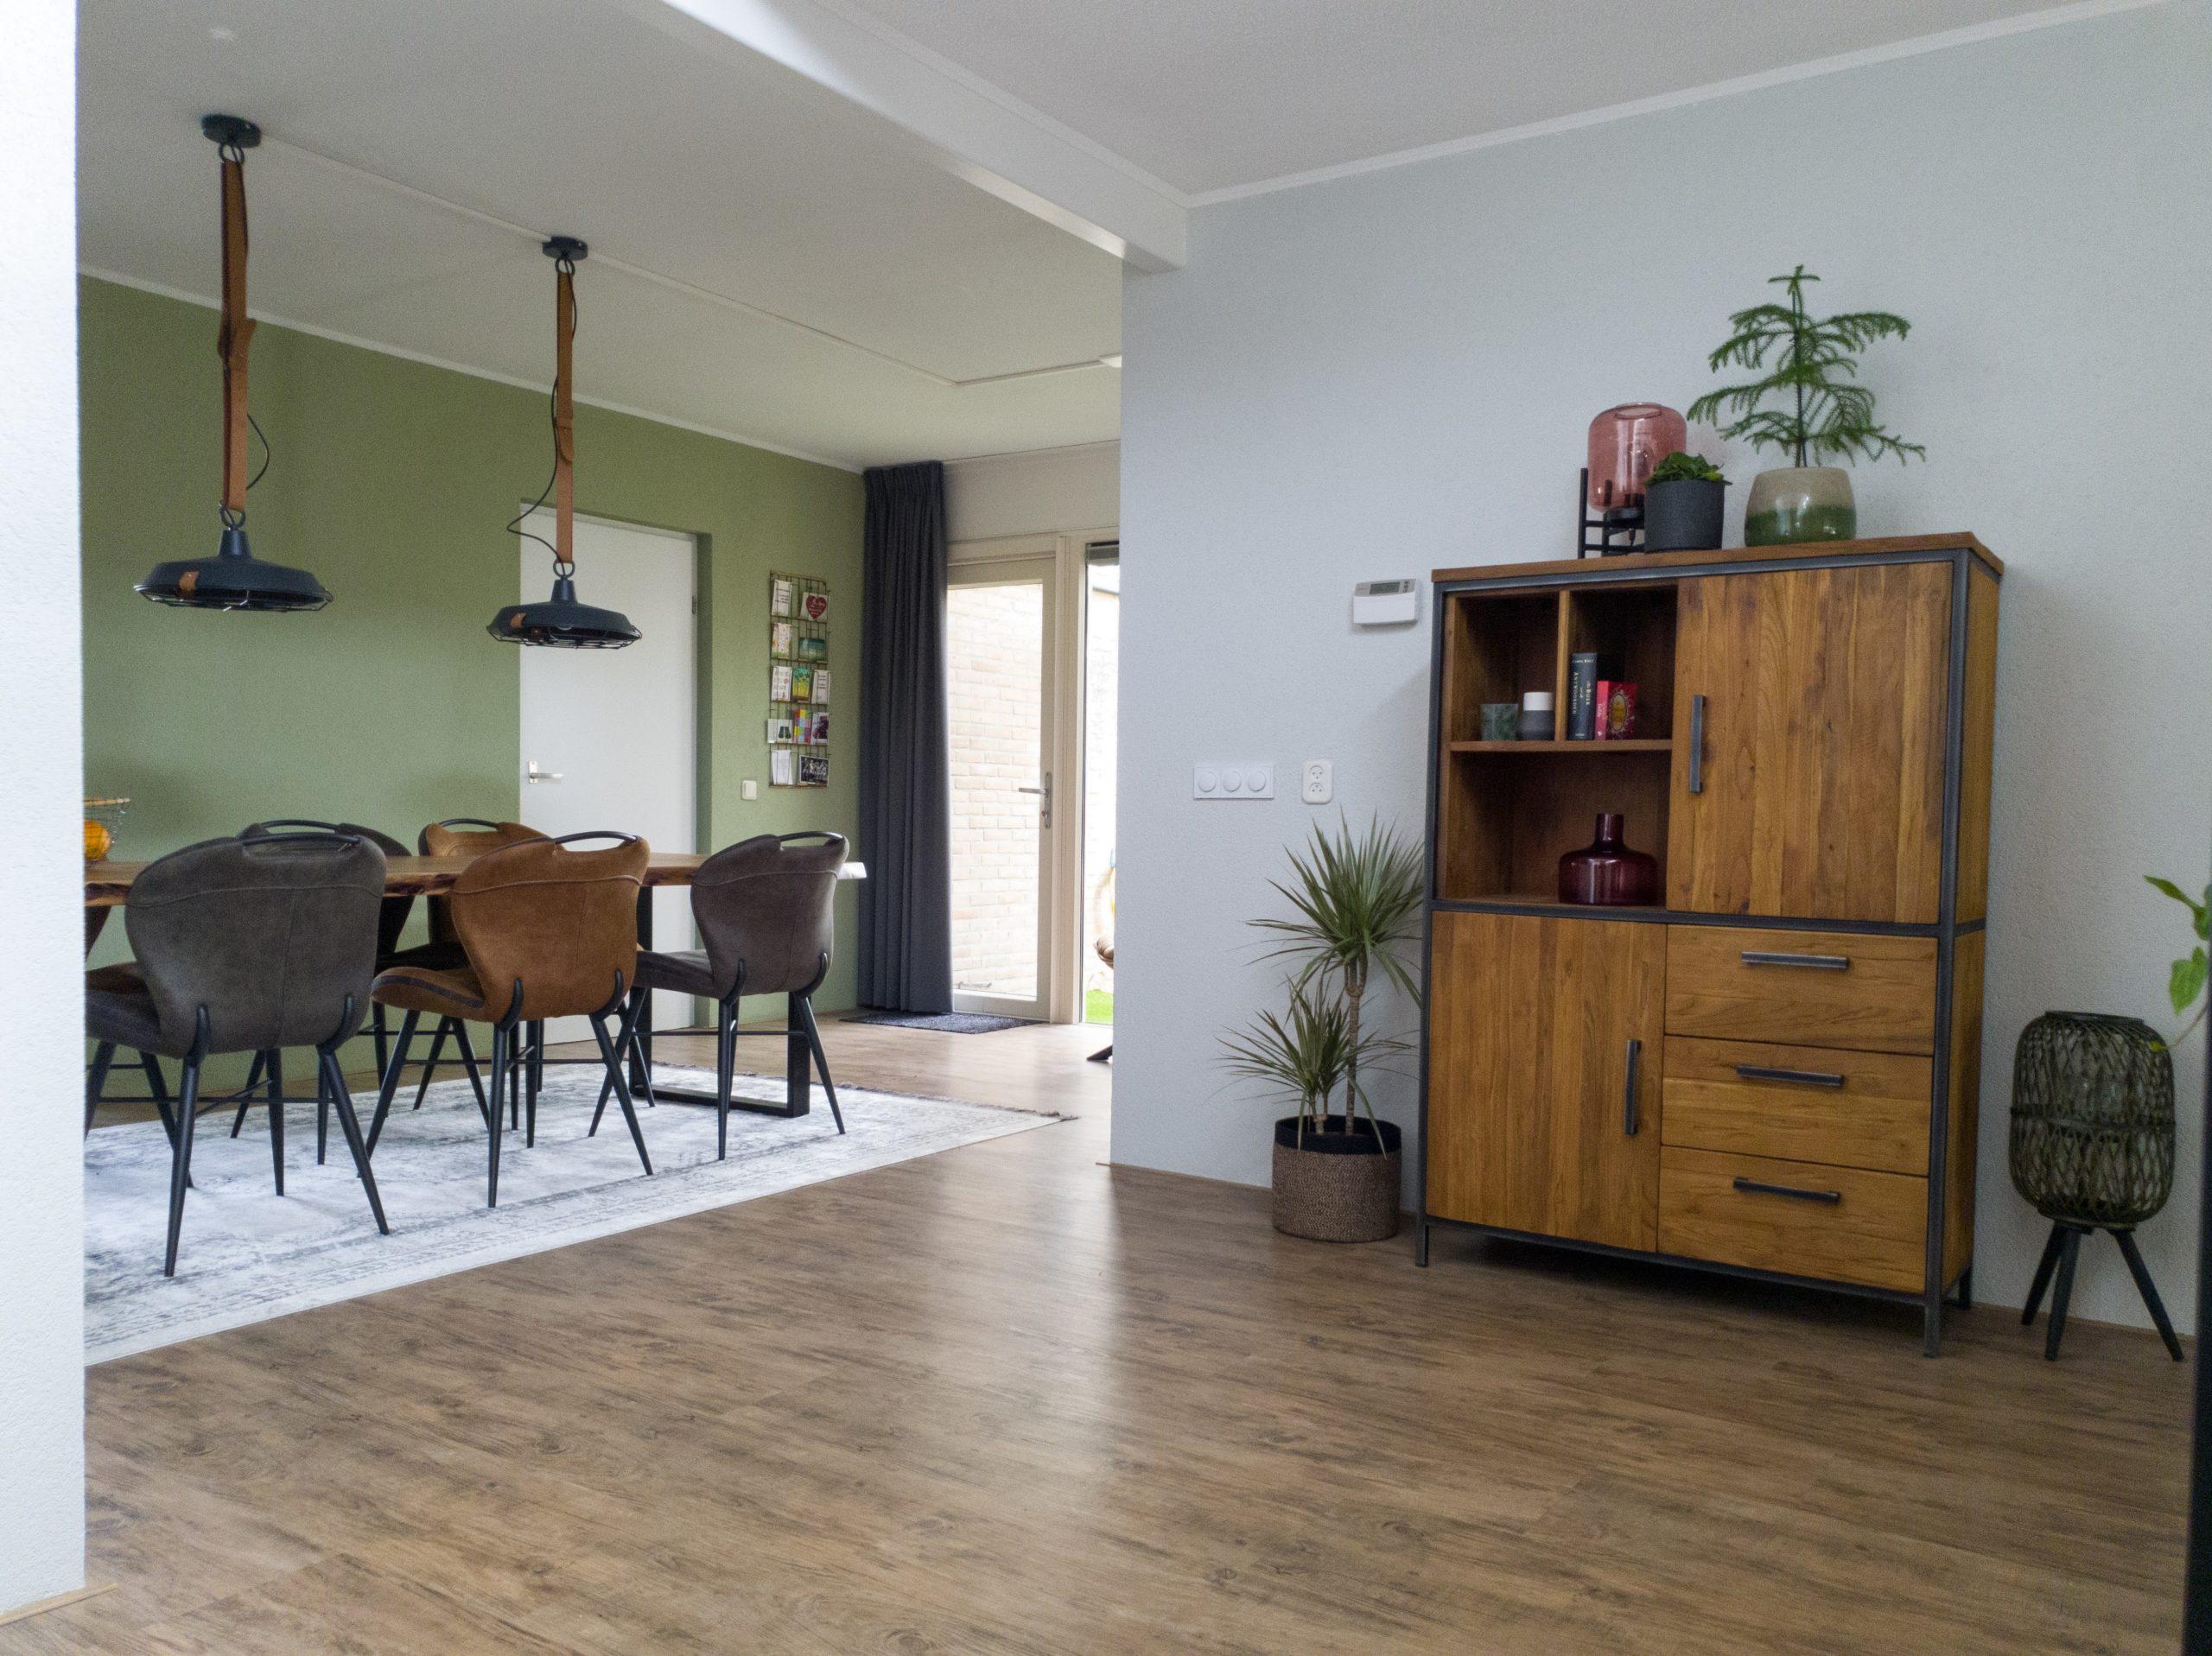 Afstyling nieuw interieur Sandra's Interieurstyling interieurontwerp (27)